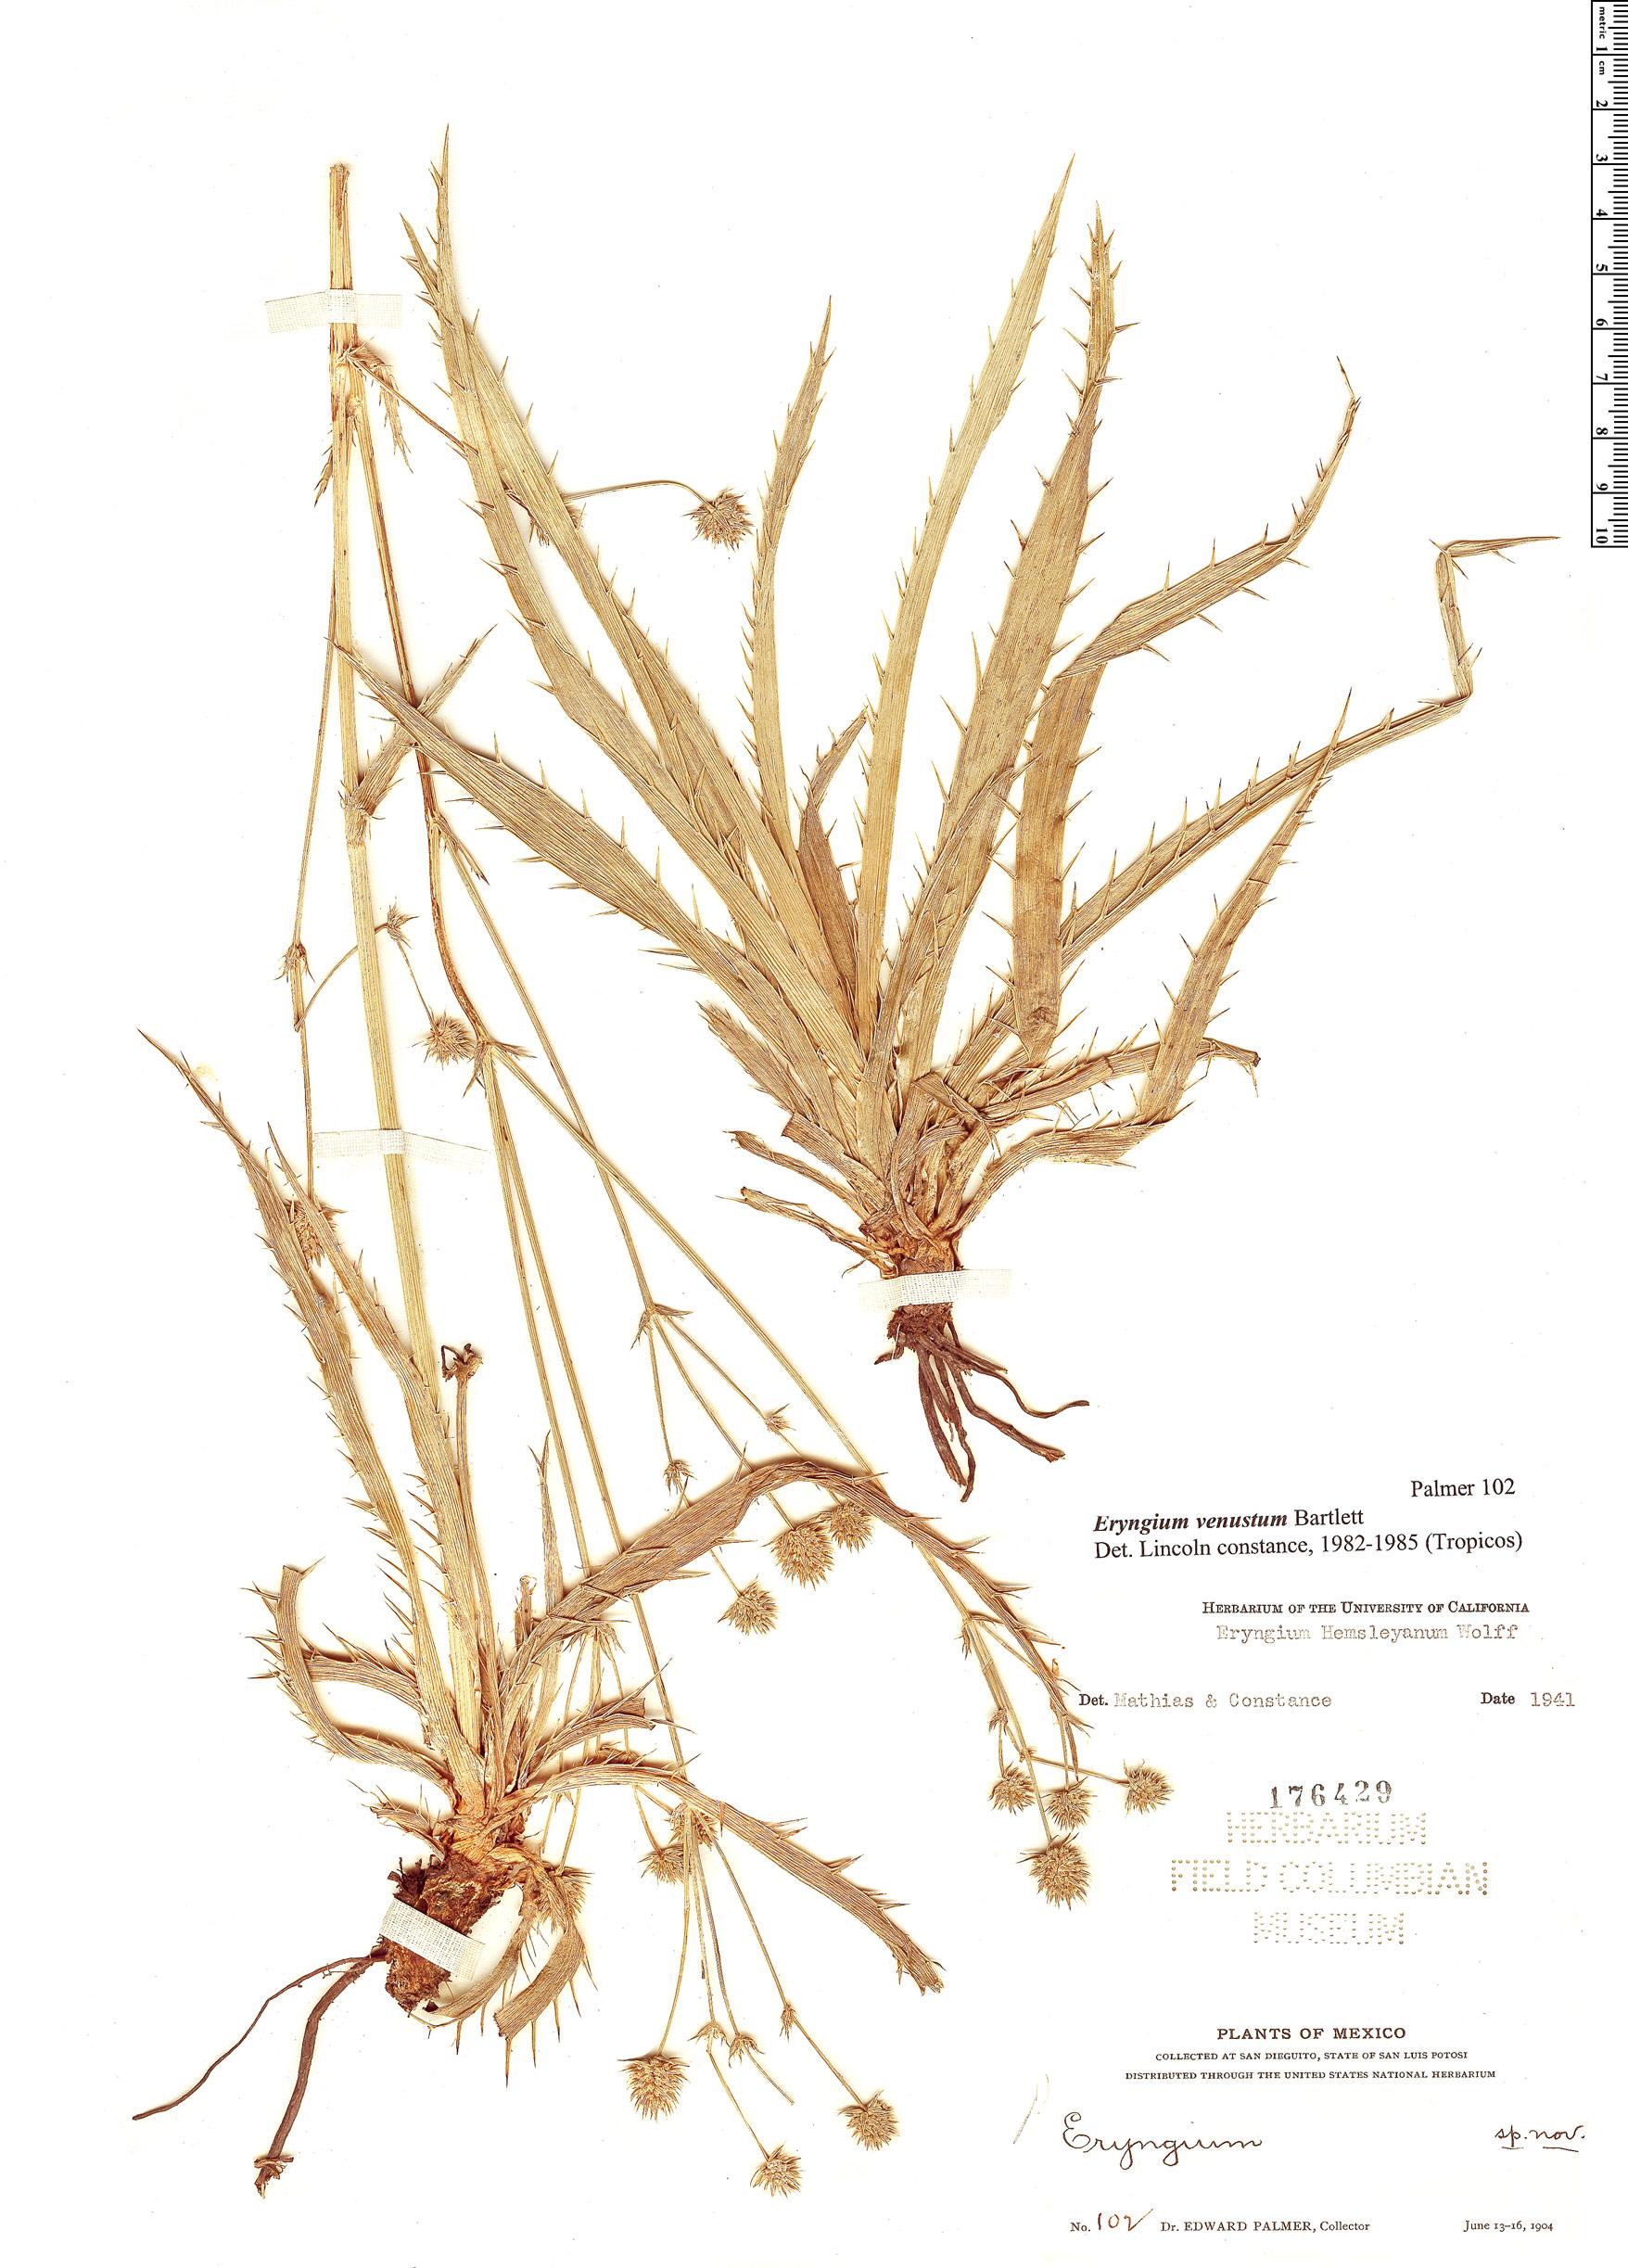 Specimen: Eryngium venustum